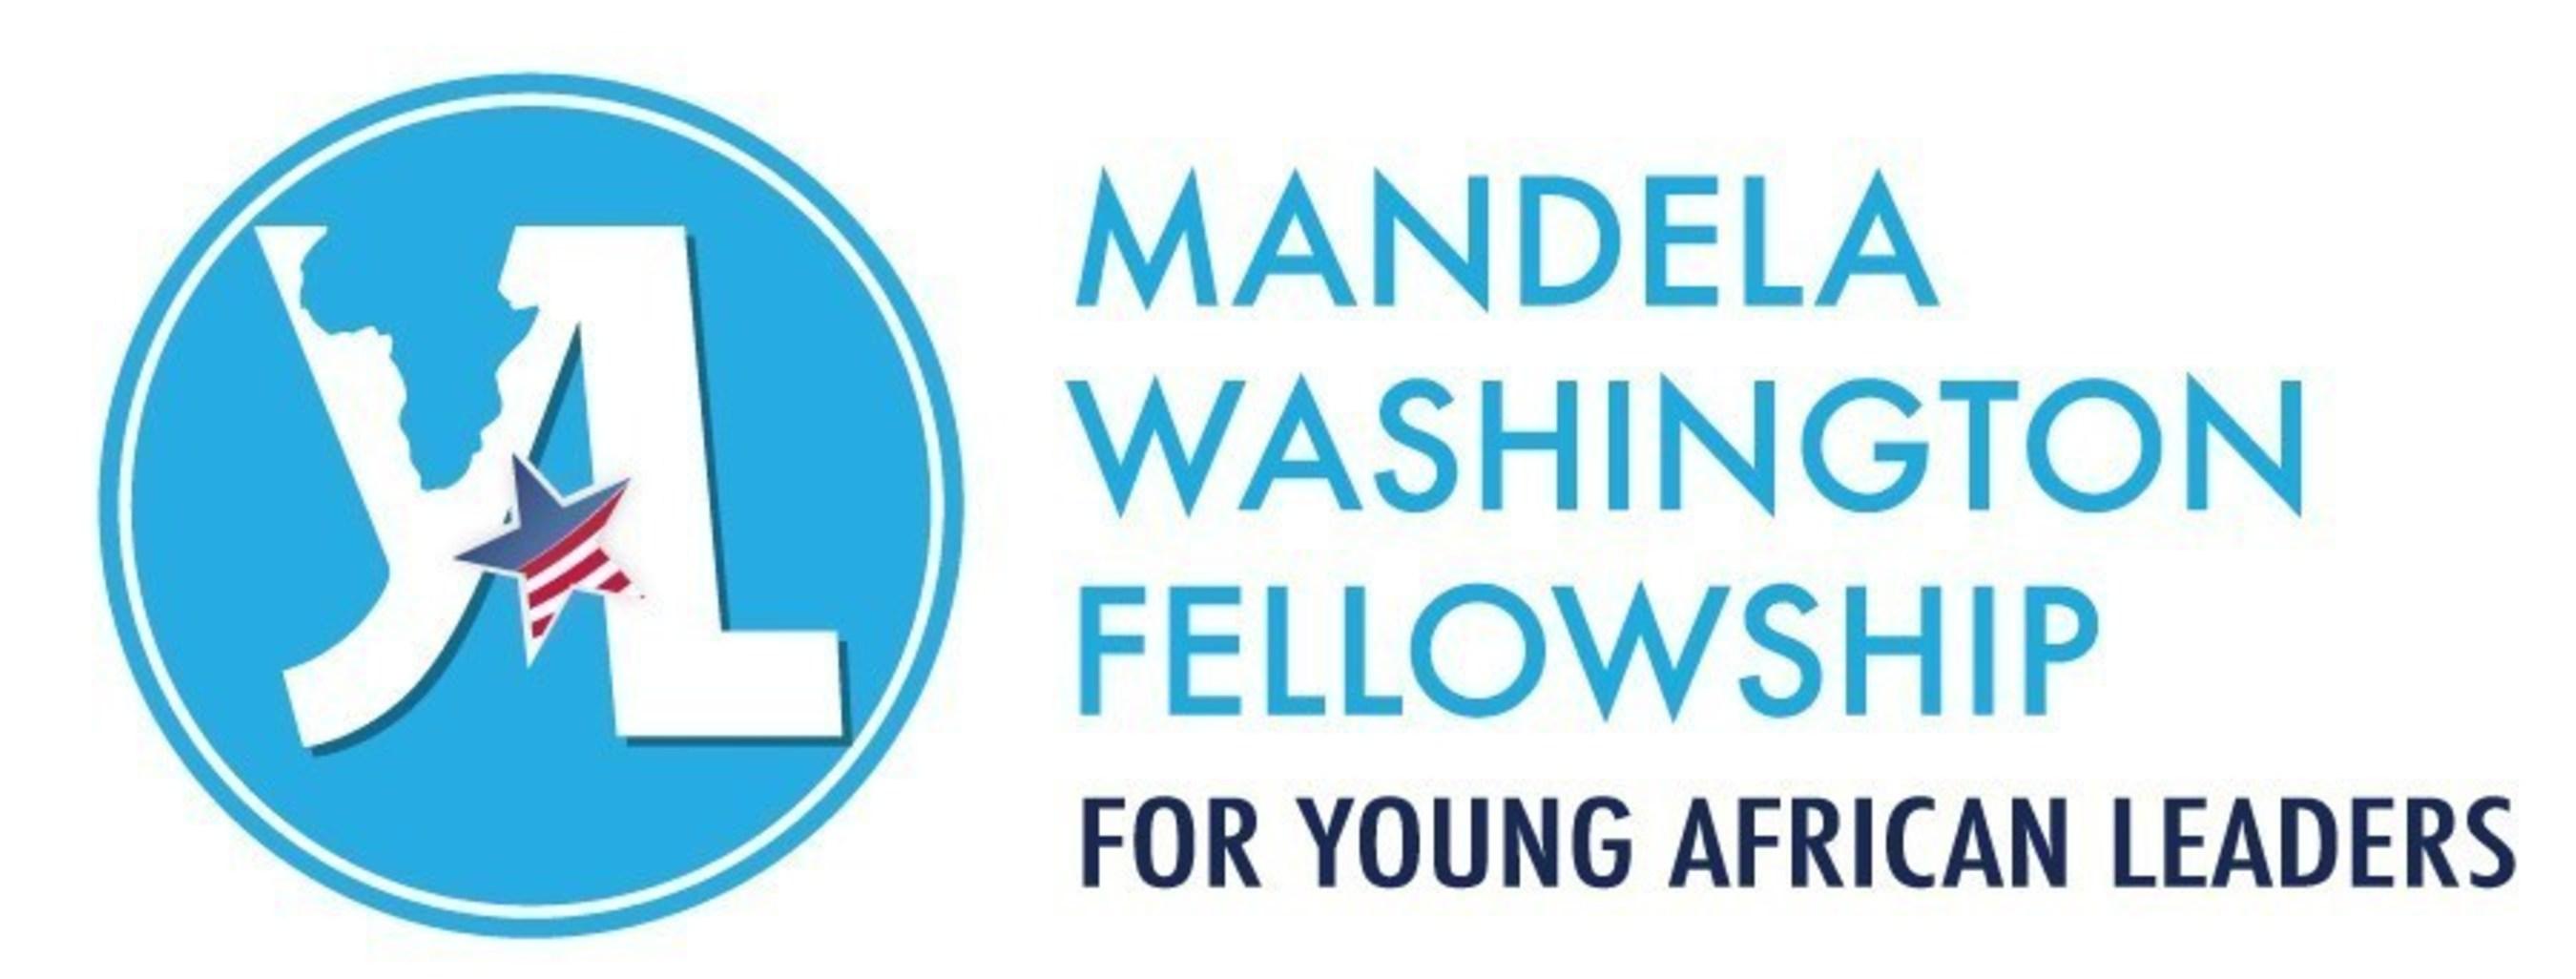 Présentez votre candidature dès à présent pour le programme Mandela Washington Fellowship 2016